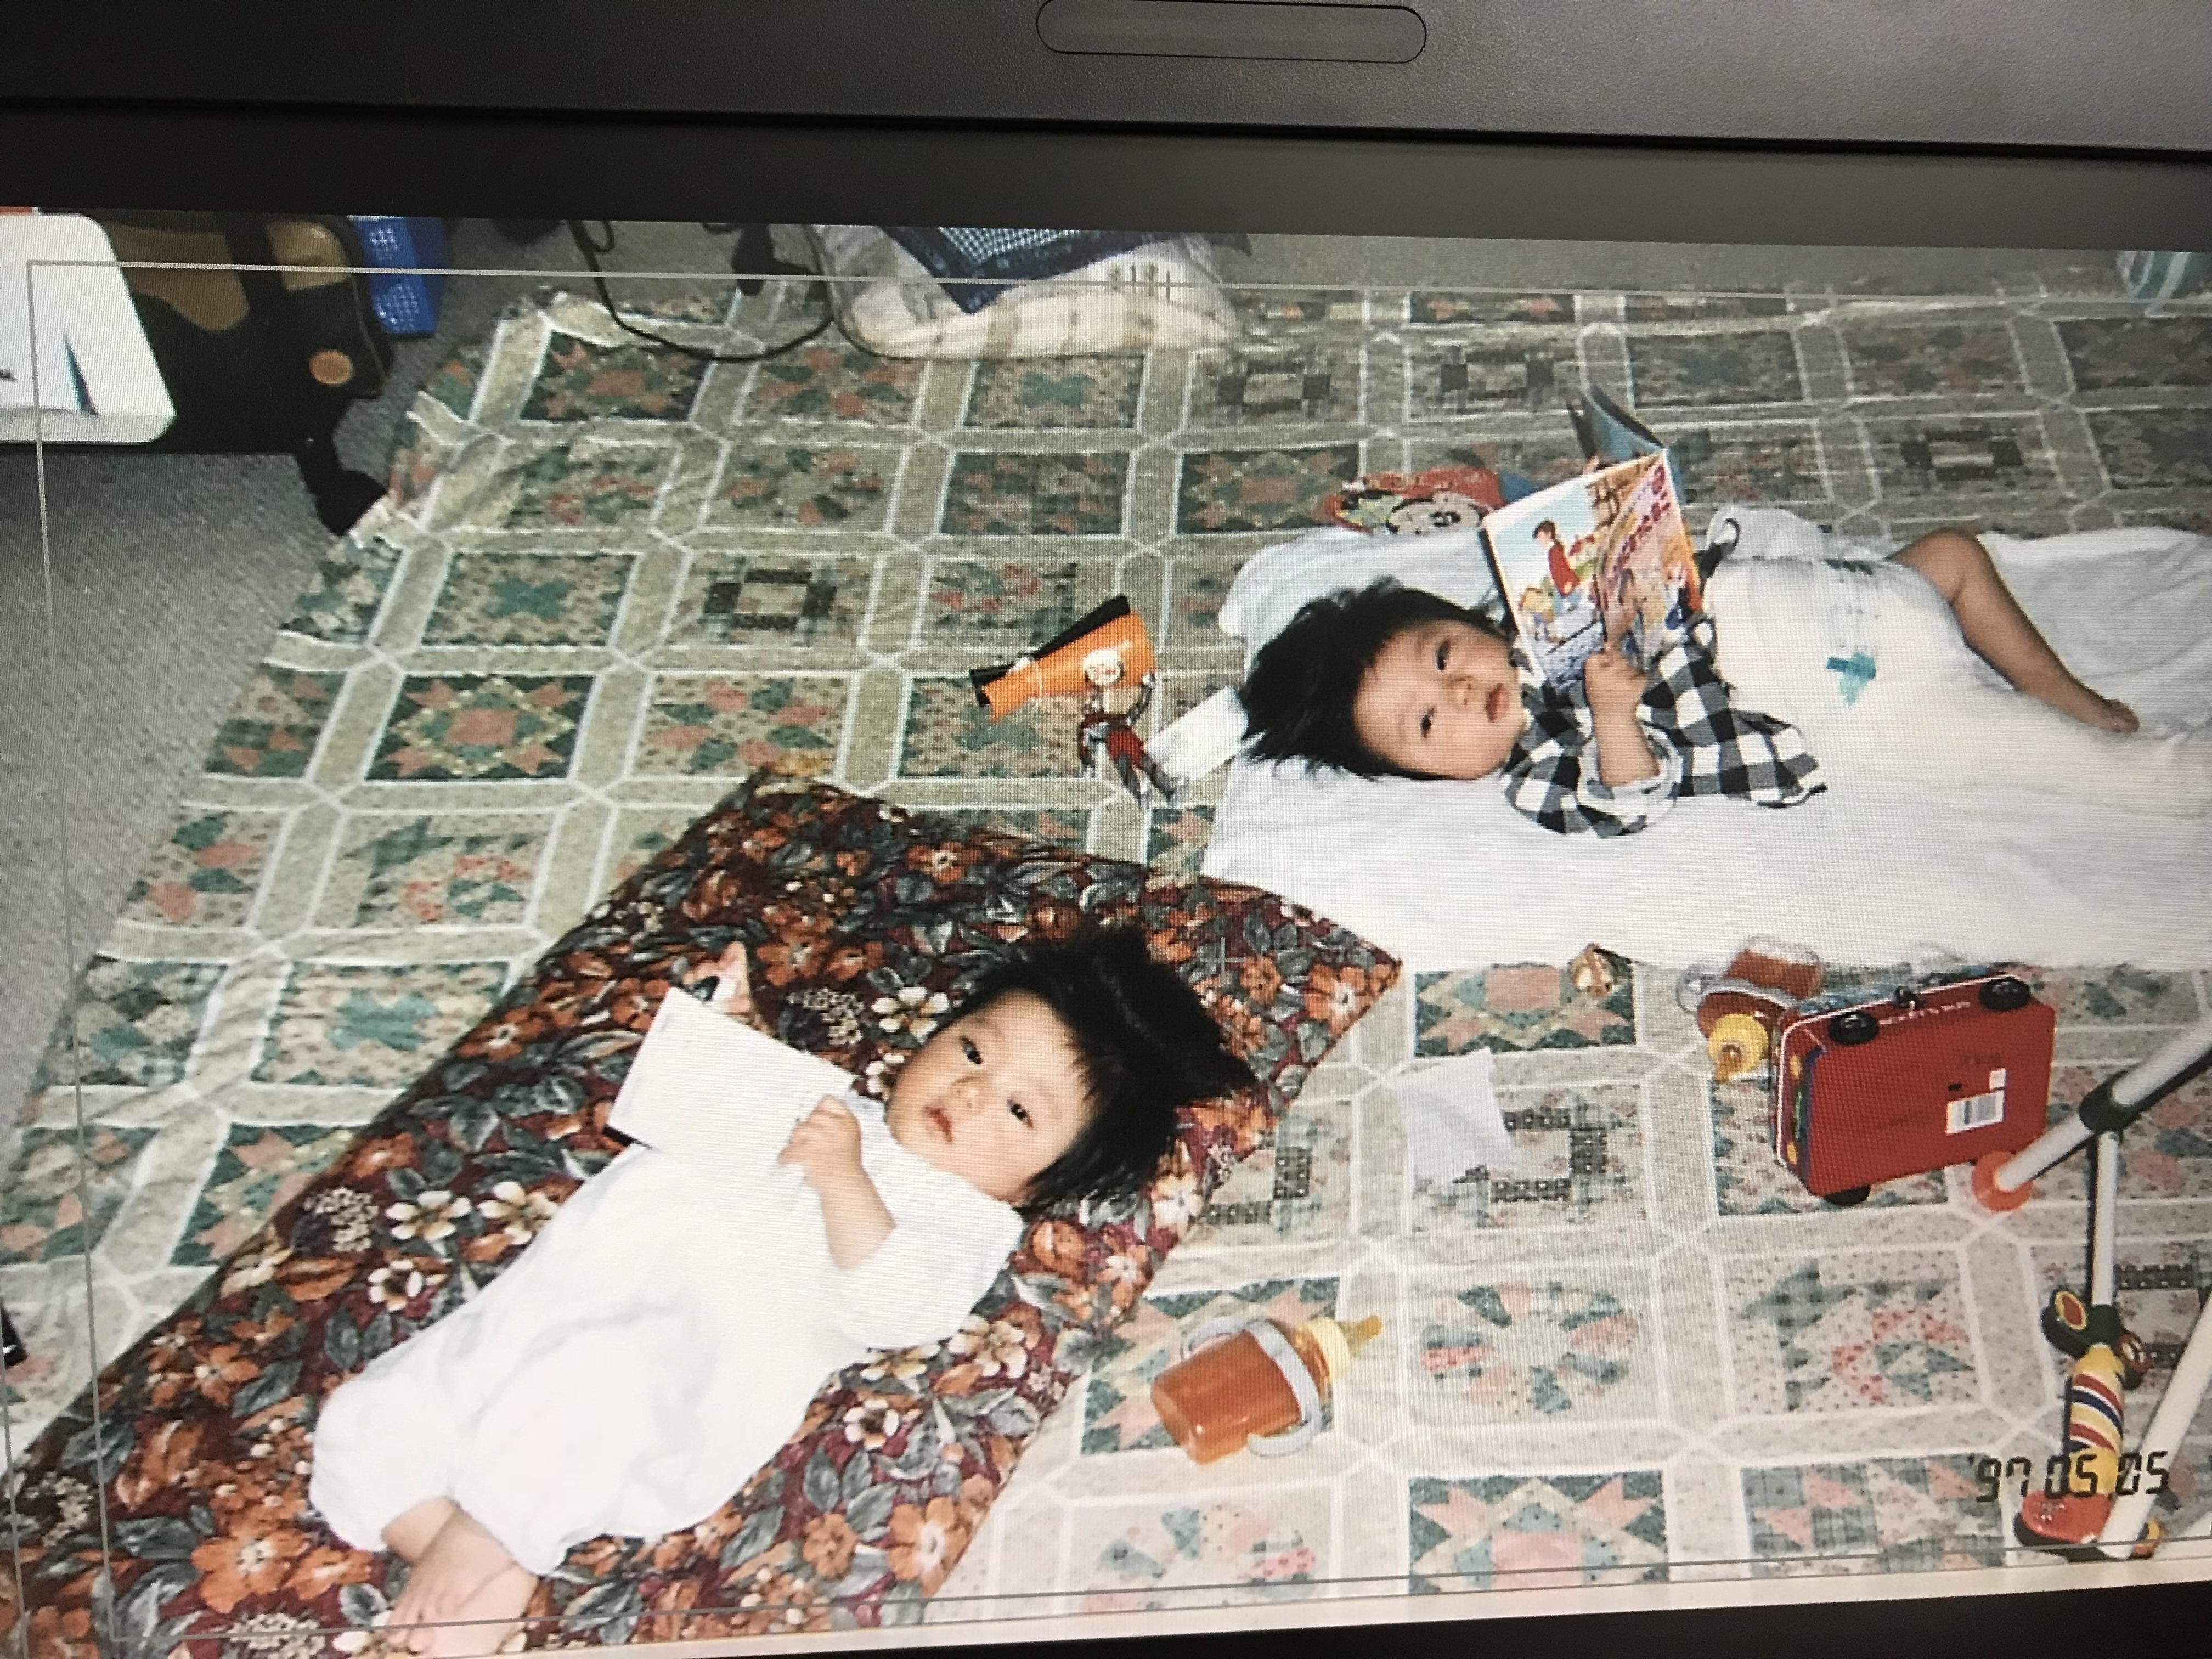 1歳ごろの土井健太郎選手(左)と、弟の康太郎さん(右)(提供写真)